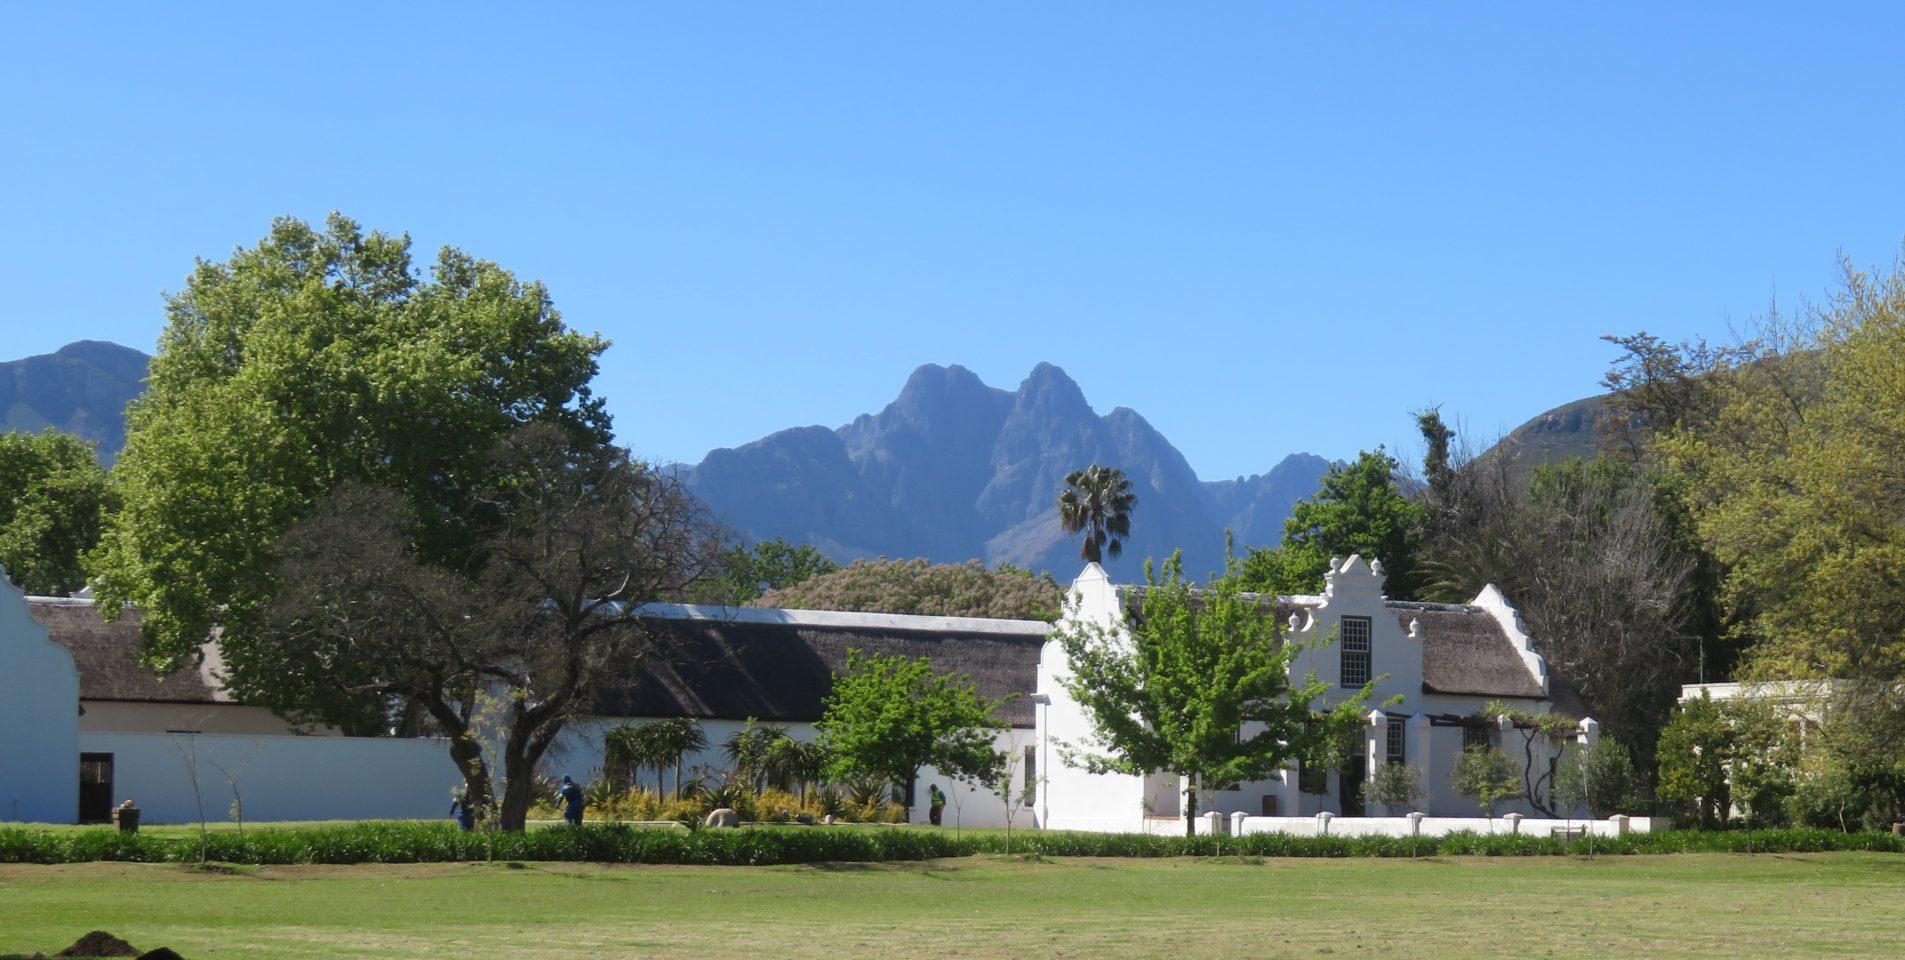 Town of Stellenbosch, South Africa